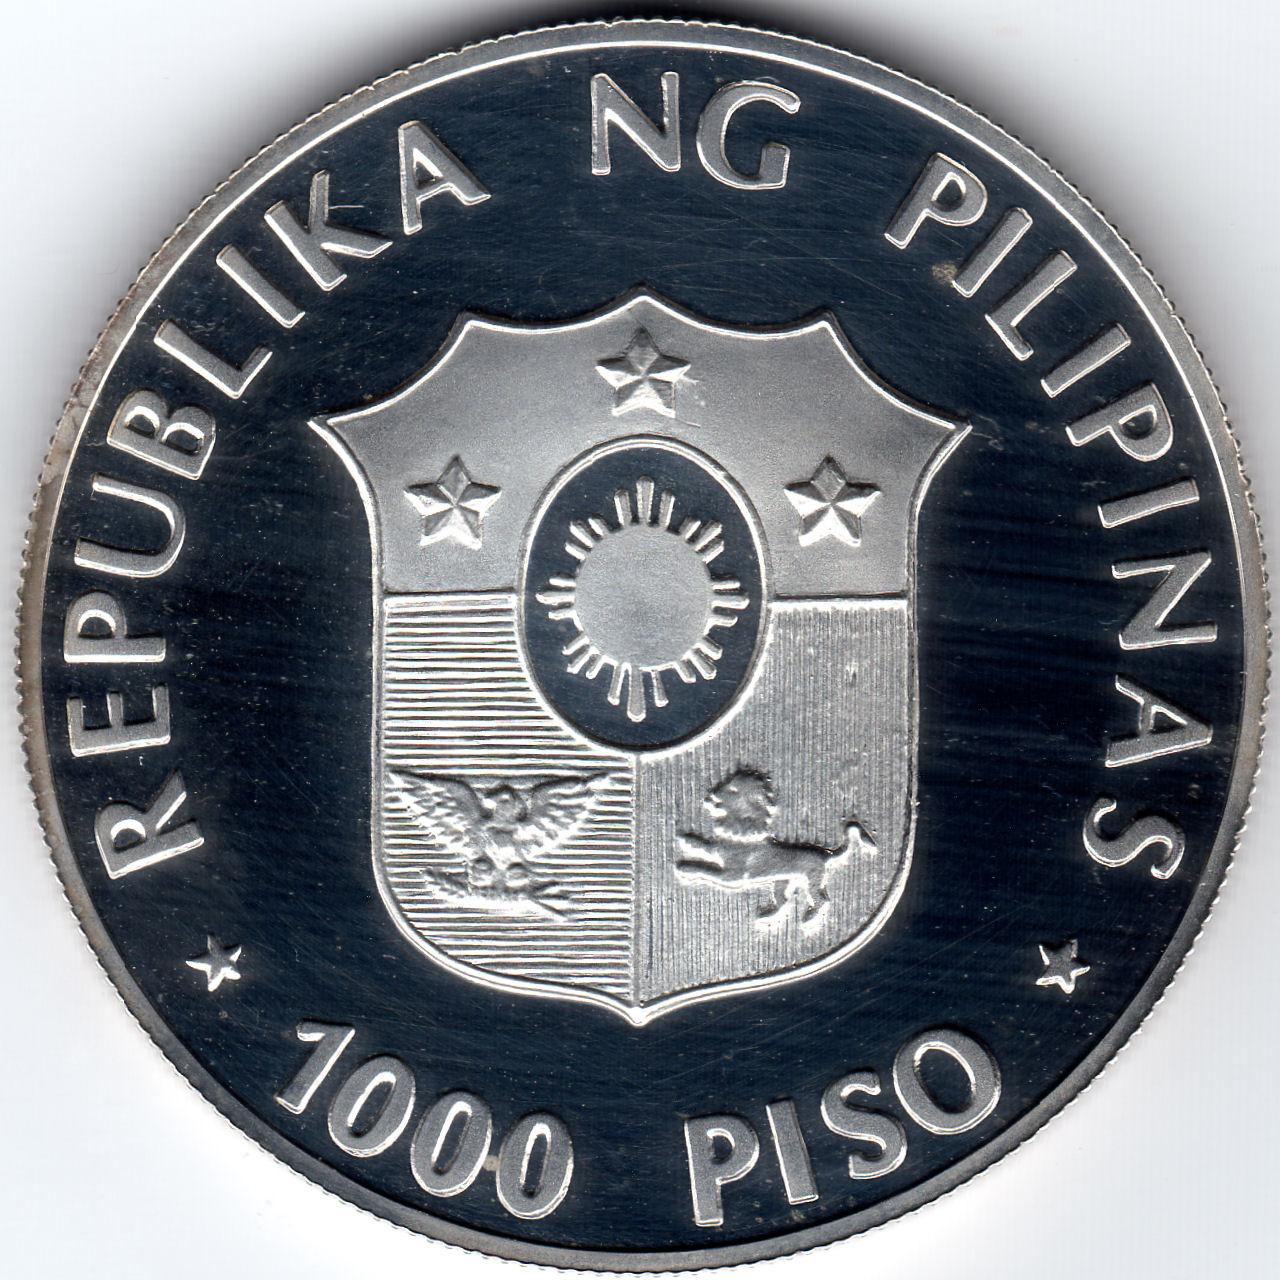 1994年 1000 PISO  画像をクリックすると最大表示します 1994年 1000 PI